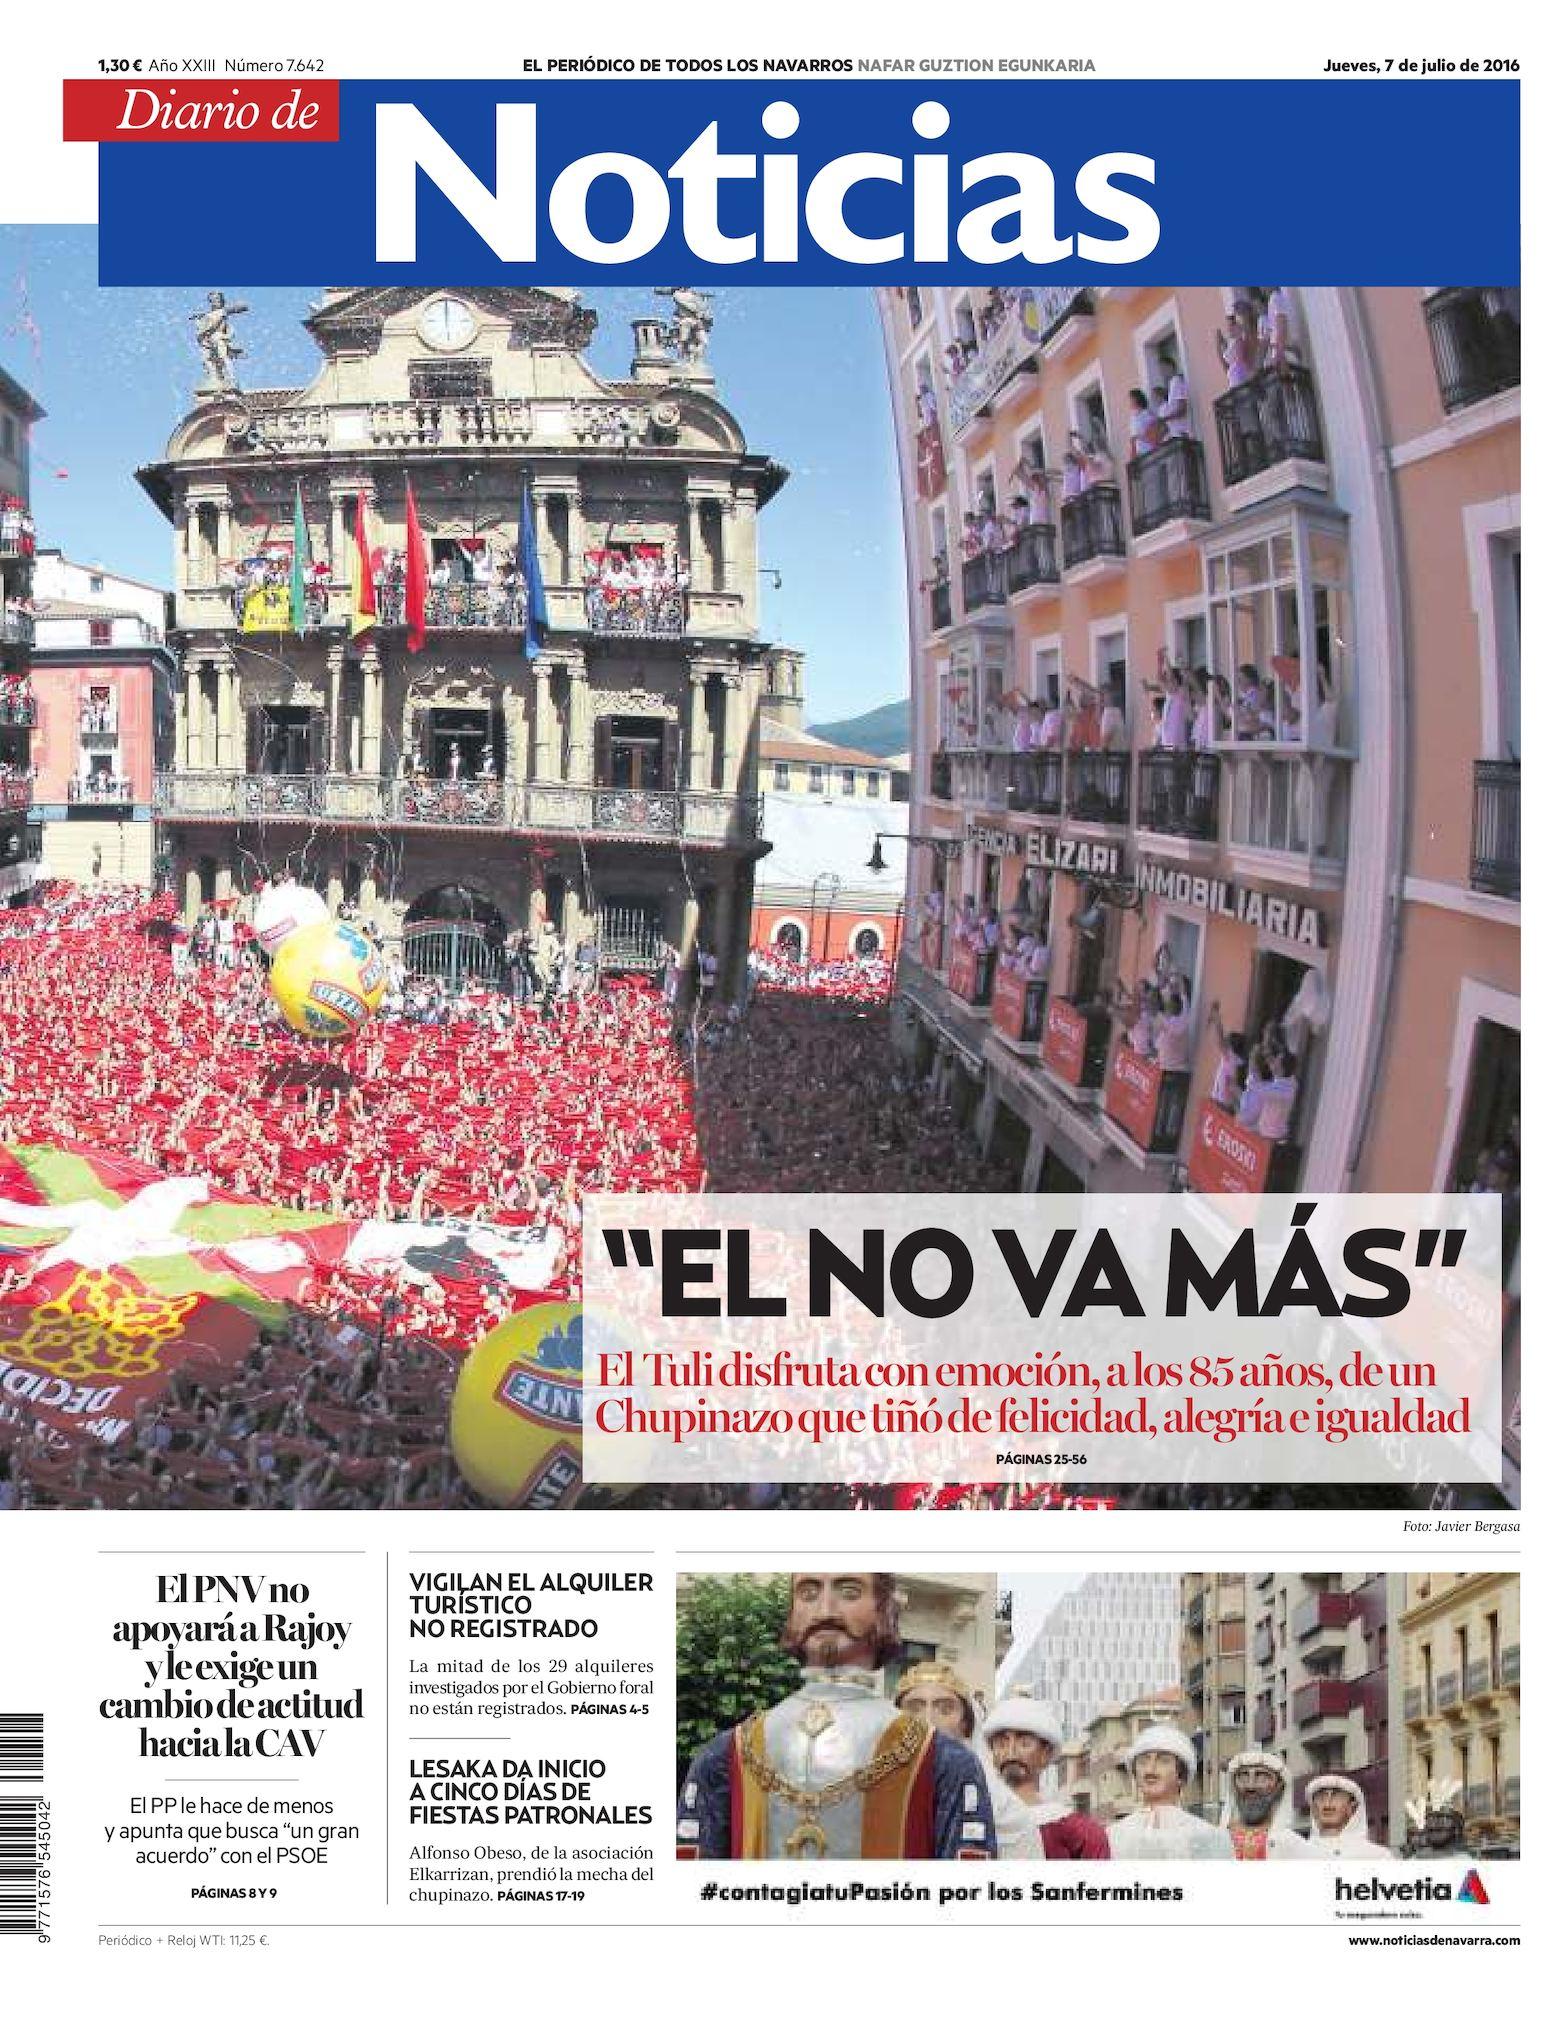 Calaméo De Diario De Noticias Noticias Calaméo Diario 20160707 EI29DWH